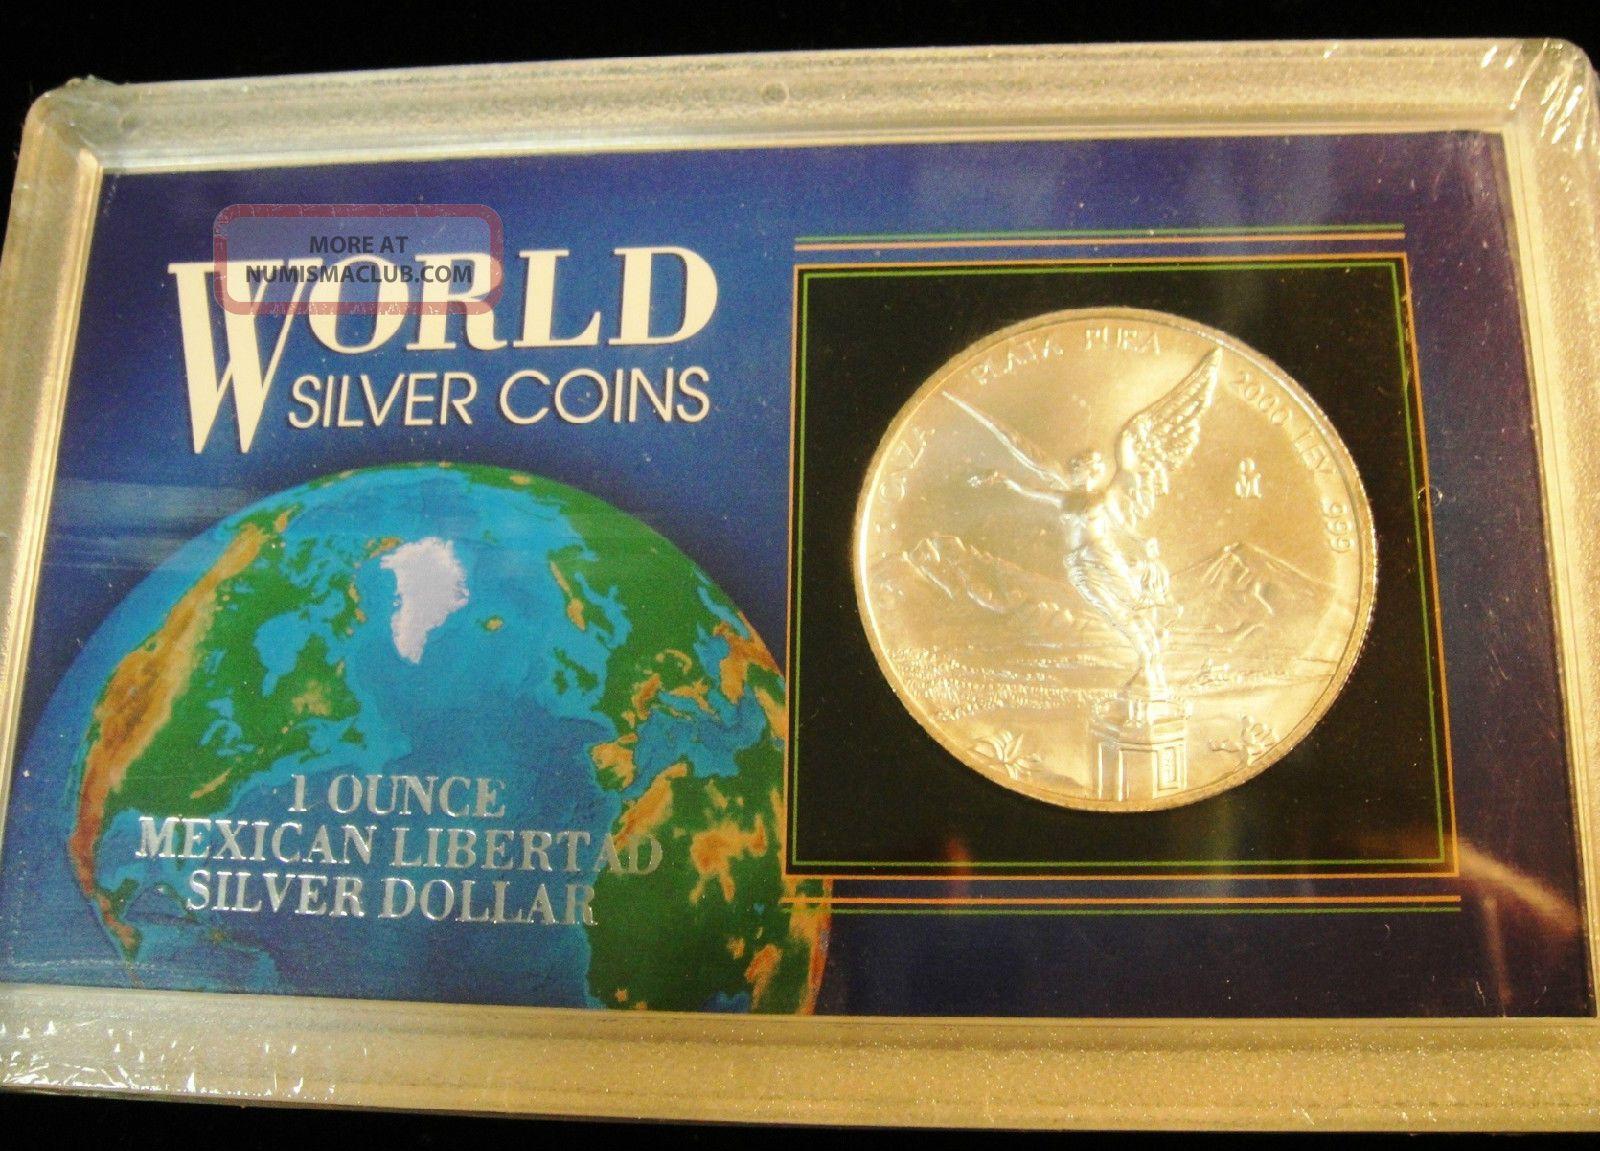 2000 Mexico Libertad.  999 Silver 1 Troy Oz Coin World Silver Coin Case Cat.  $80 Silver photo